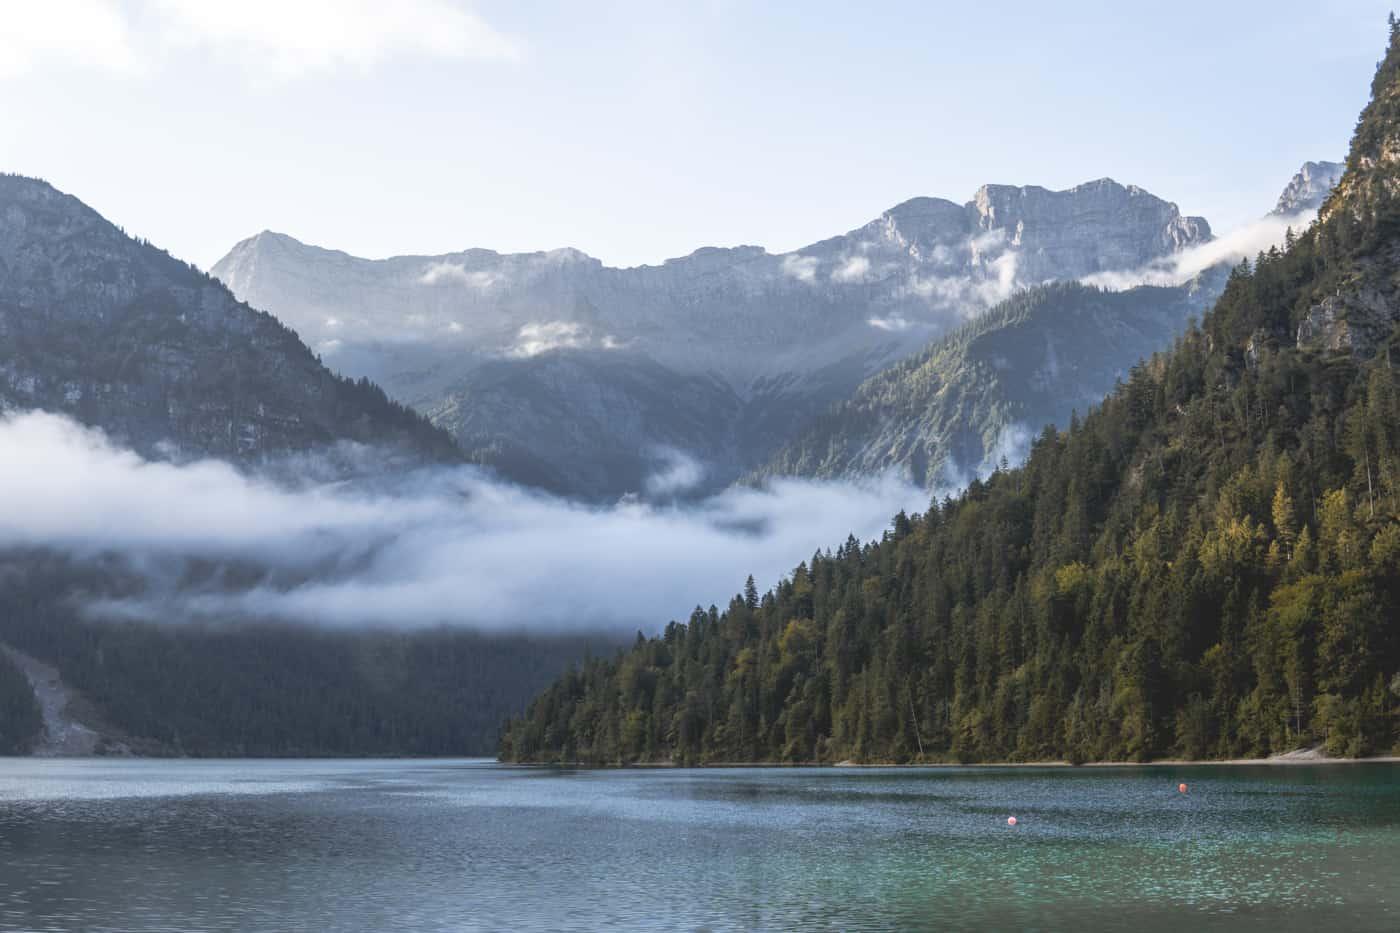 Lermoos - die schönsten Wanderungen & Ausflugsziele in der Zugspitz Region #2 - Plansee